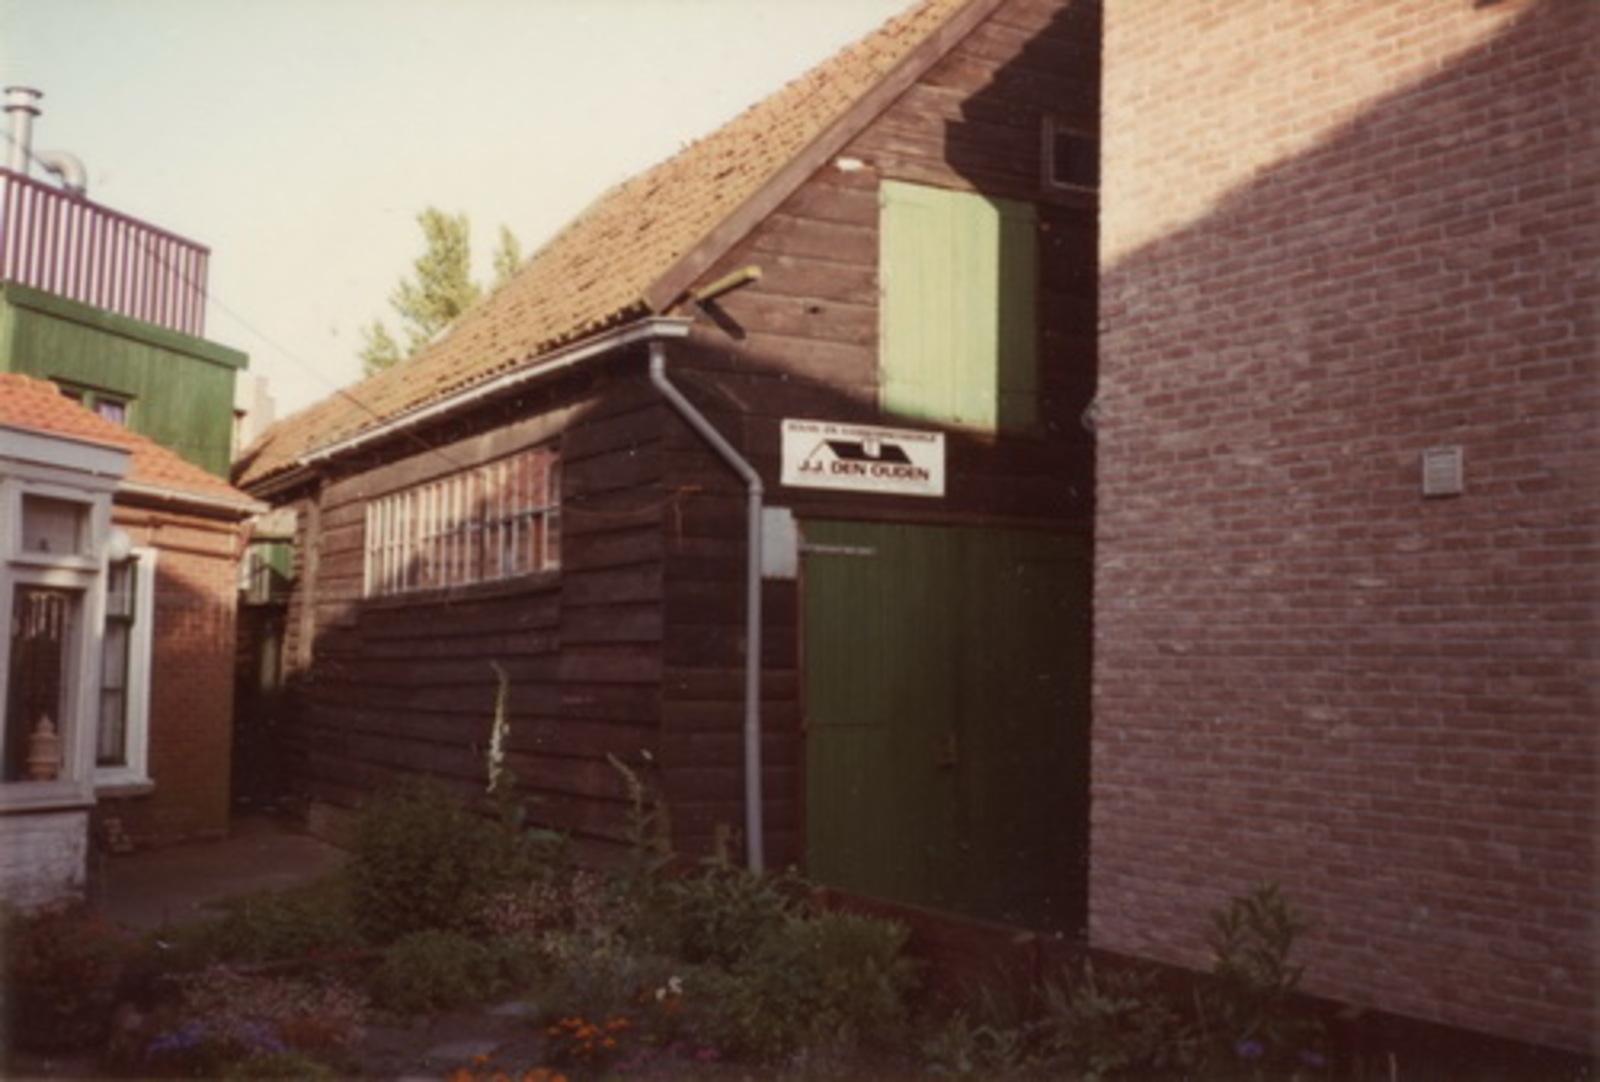 Marktplein N 0037 1978 Werkplaats Aannemer Jan J den Ouden